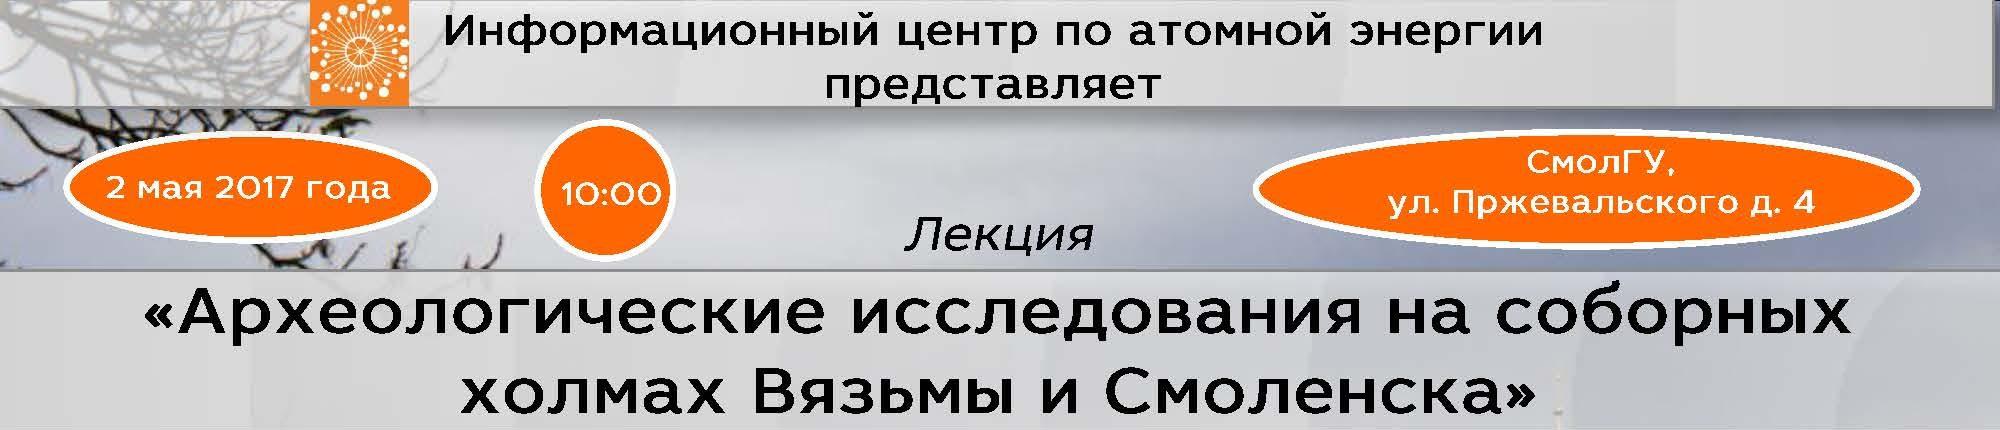 Афиша_Кренке_Страница_2